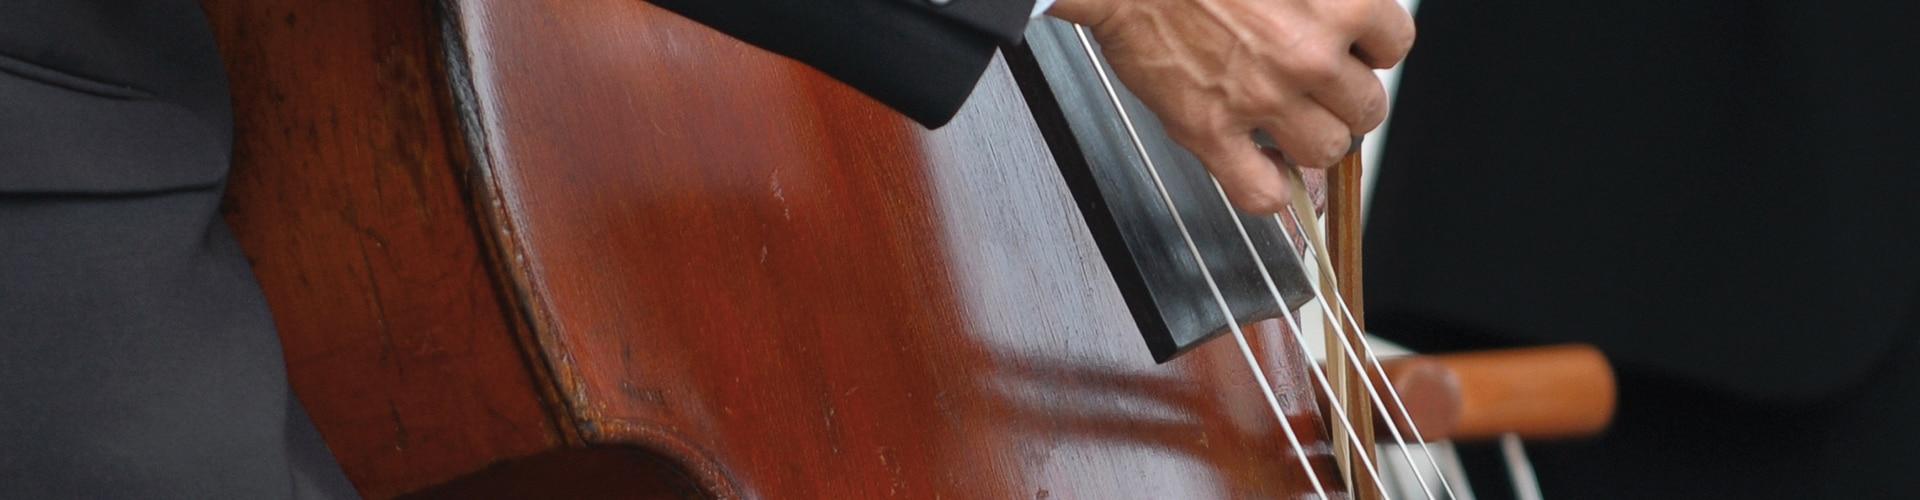 Sicherer Transport der Instrumente mit Luxreisen